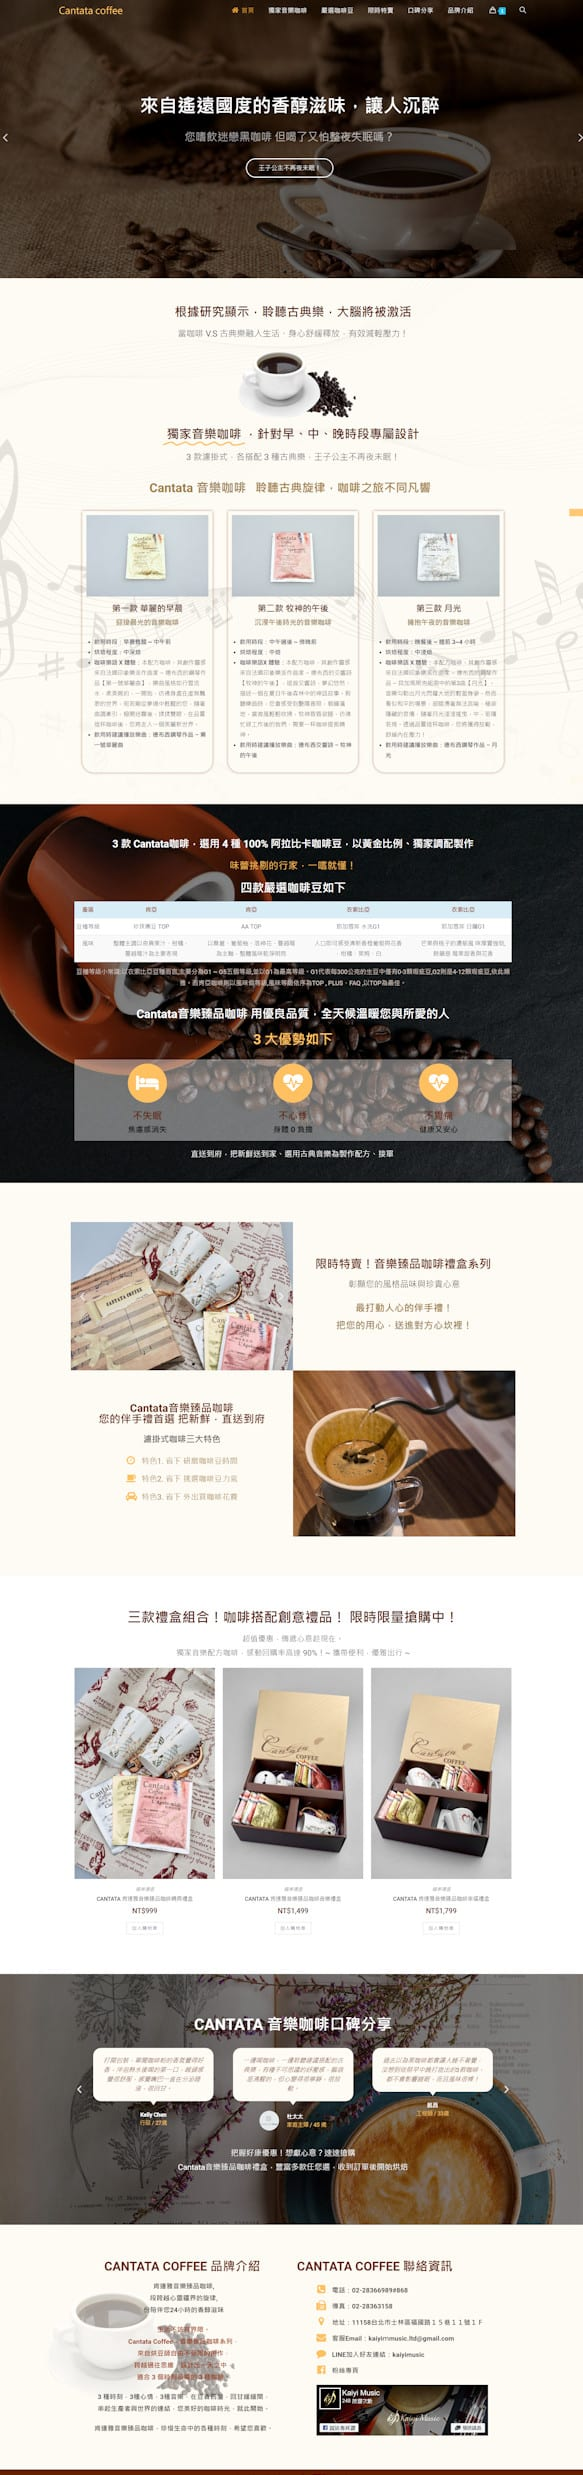 網頁設計-精品咖啡1